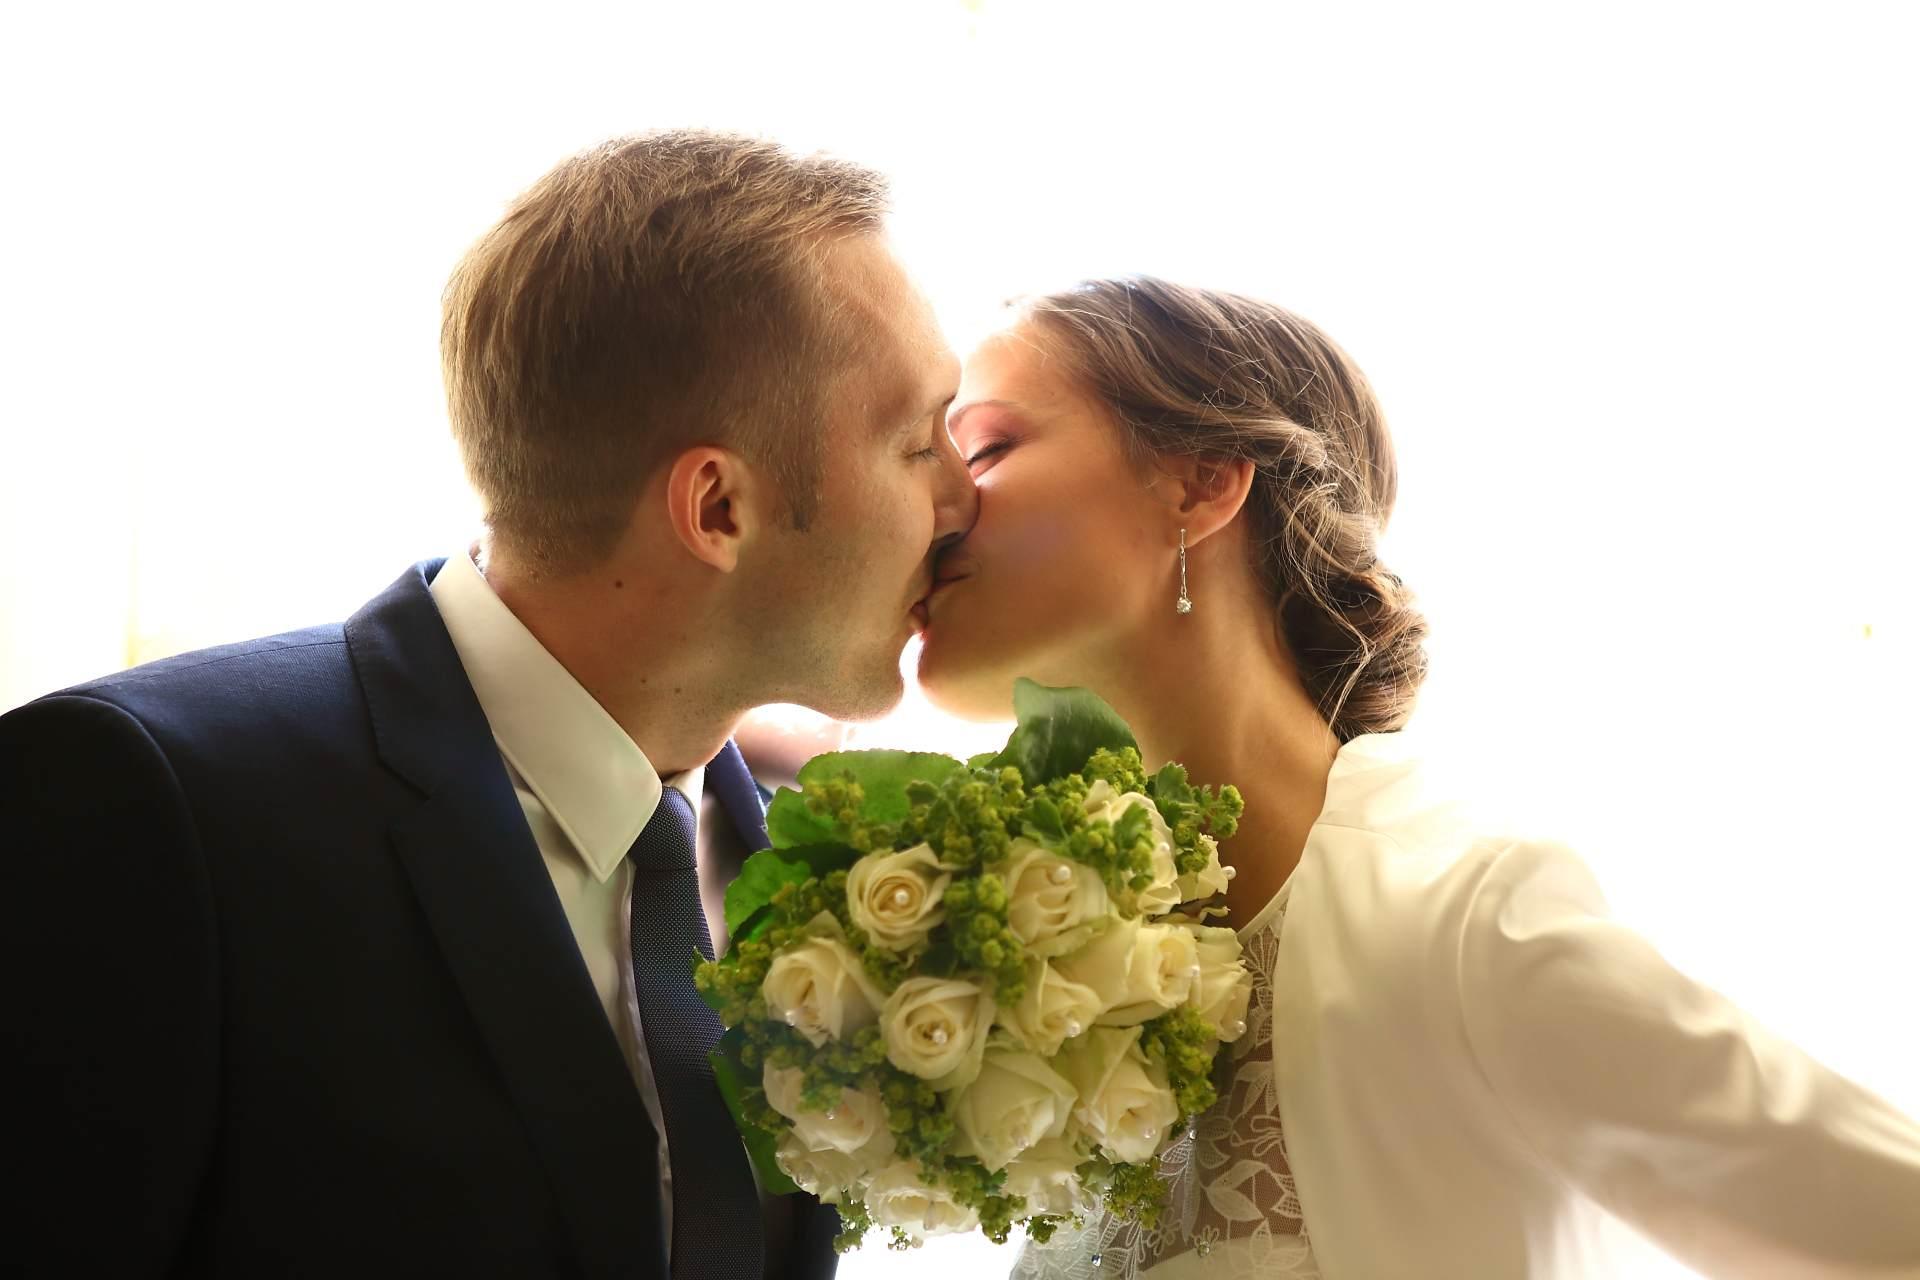 Hochzeitsfotos in Leipzig - Hochzeitspaar küsst sich vor dem Fenster